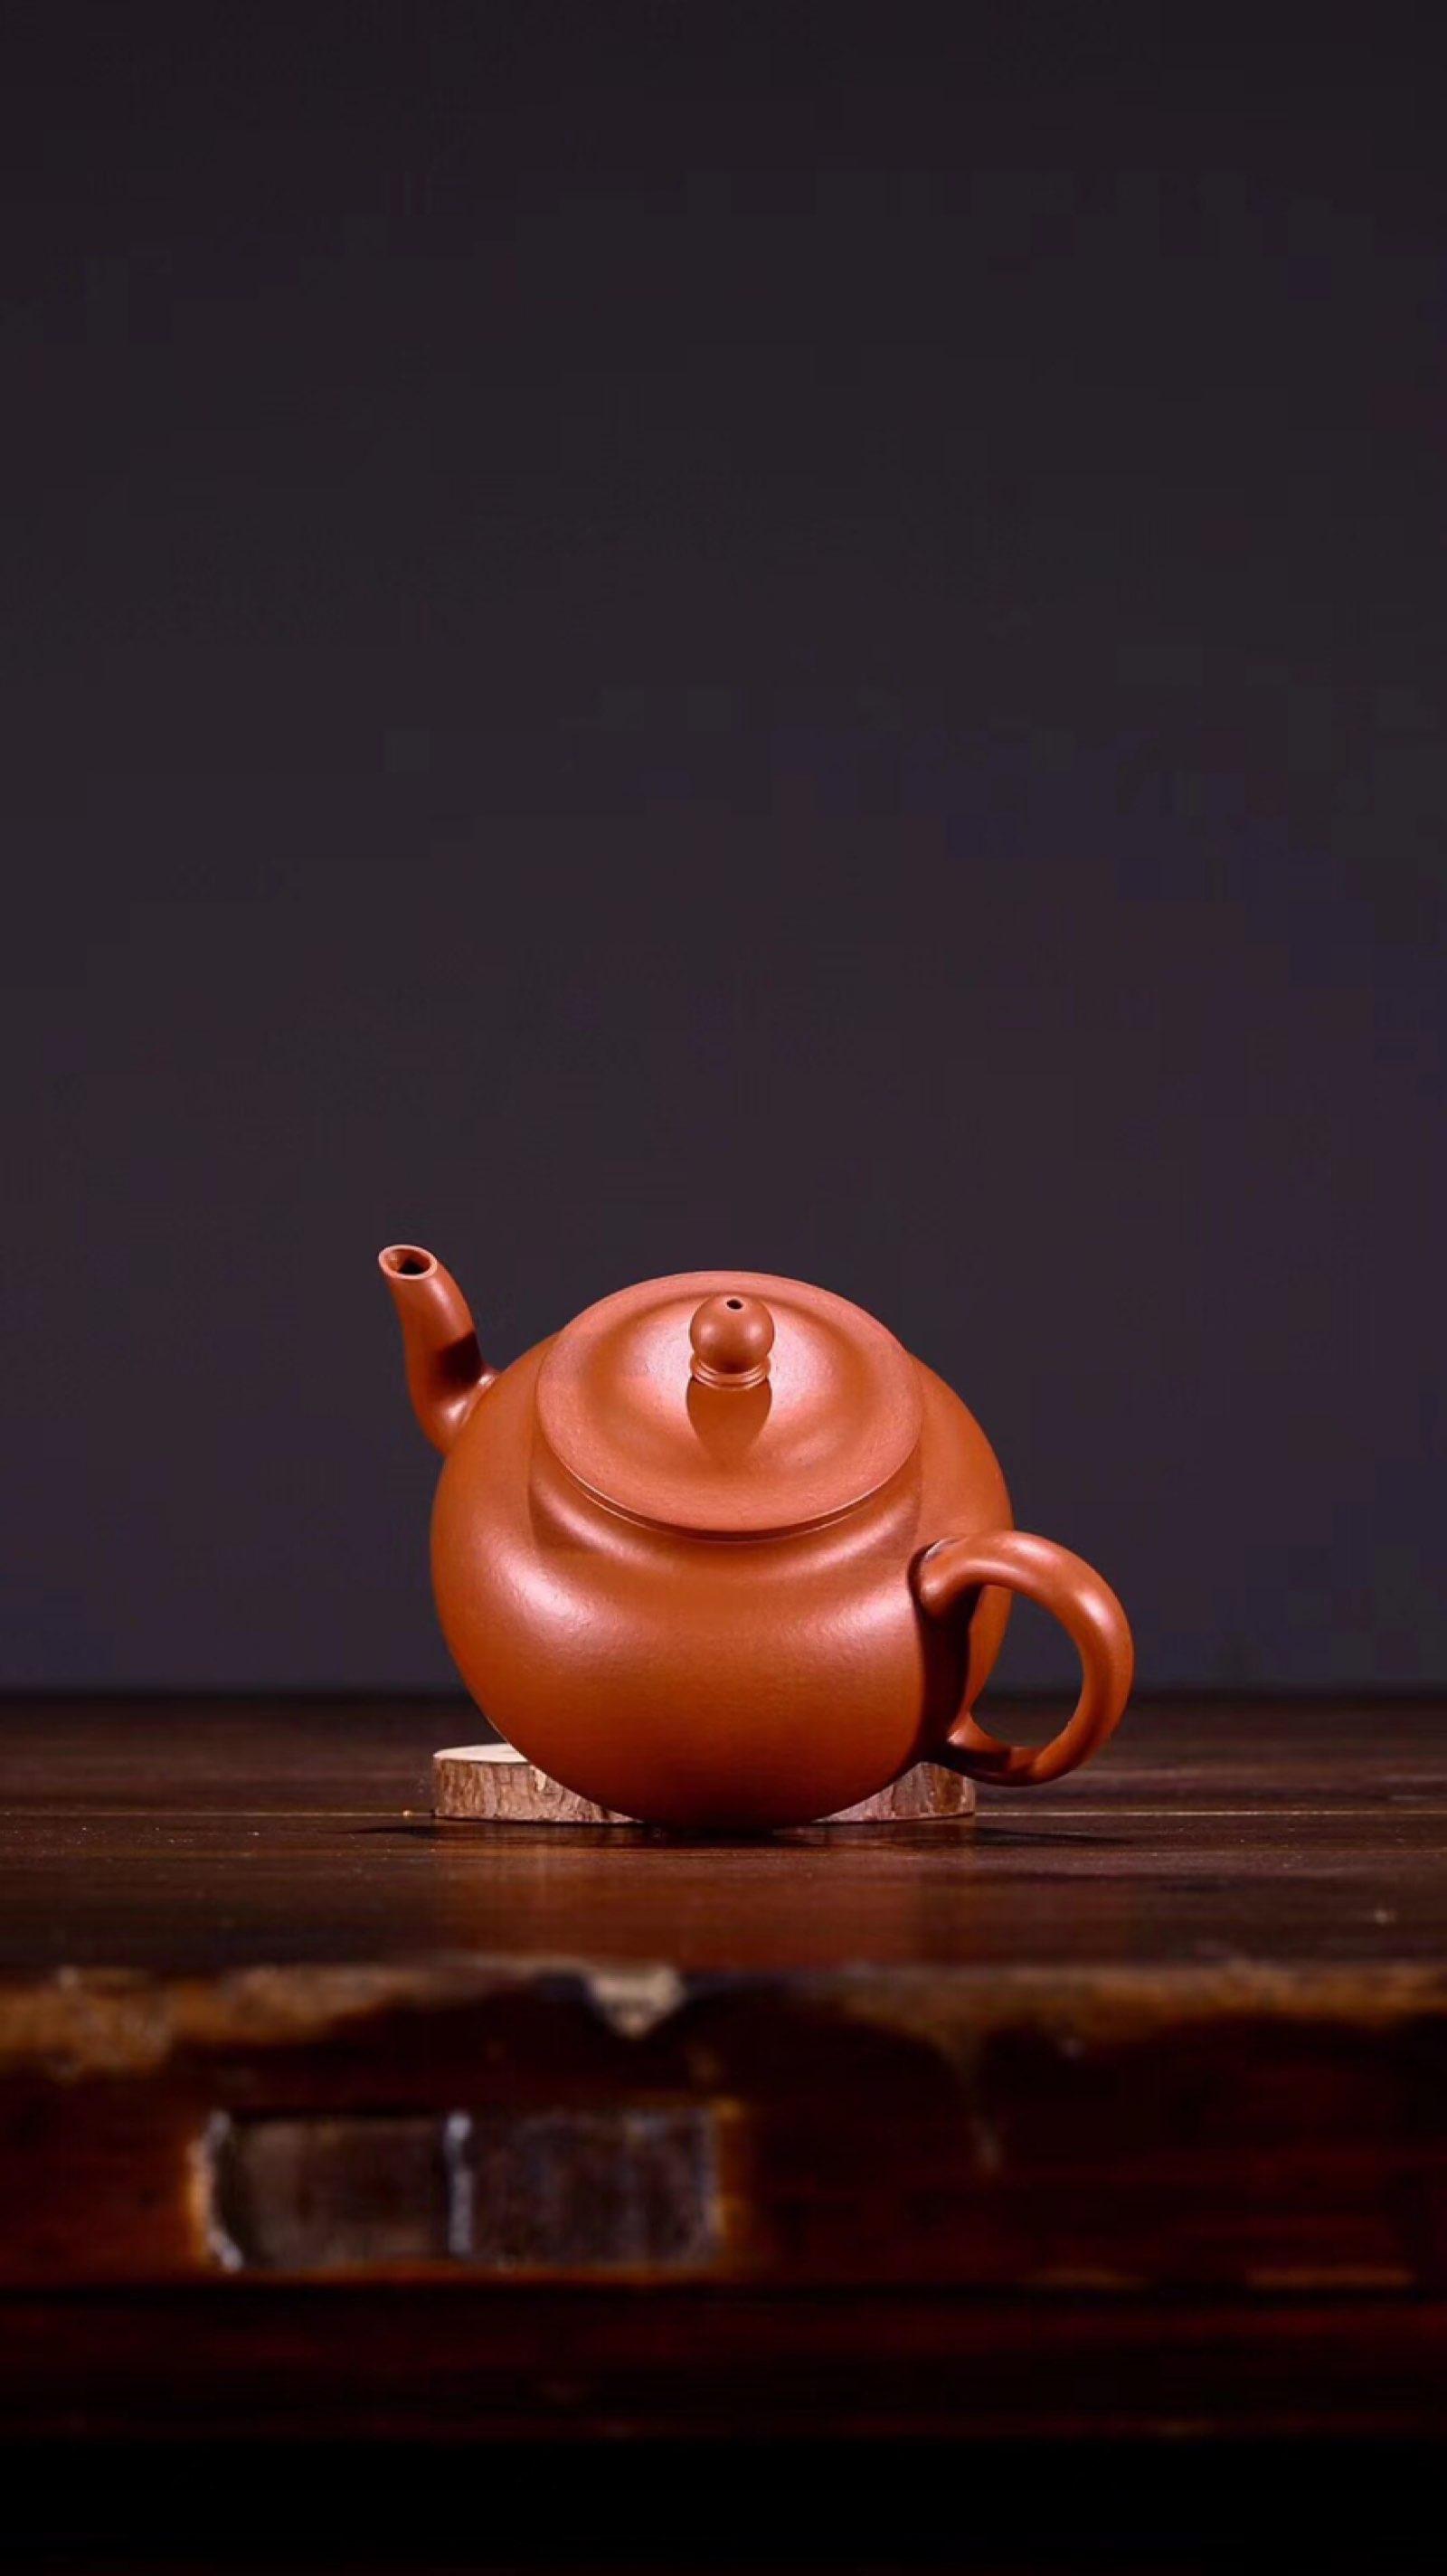 为什么要选用紫砂壶泡茶?